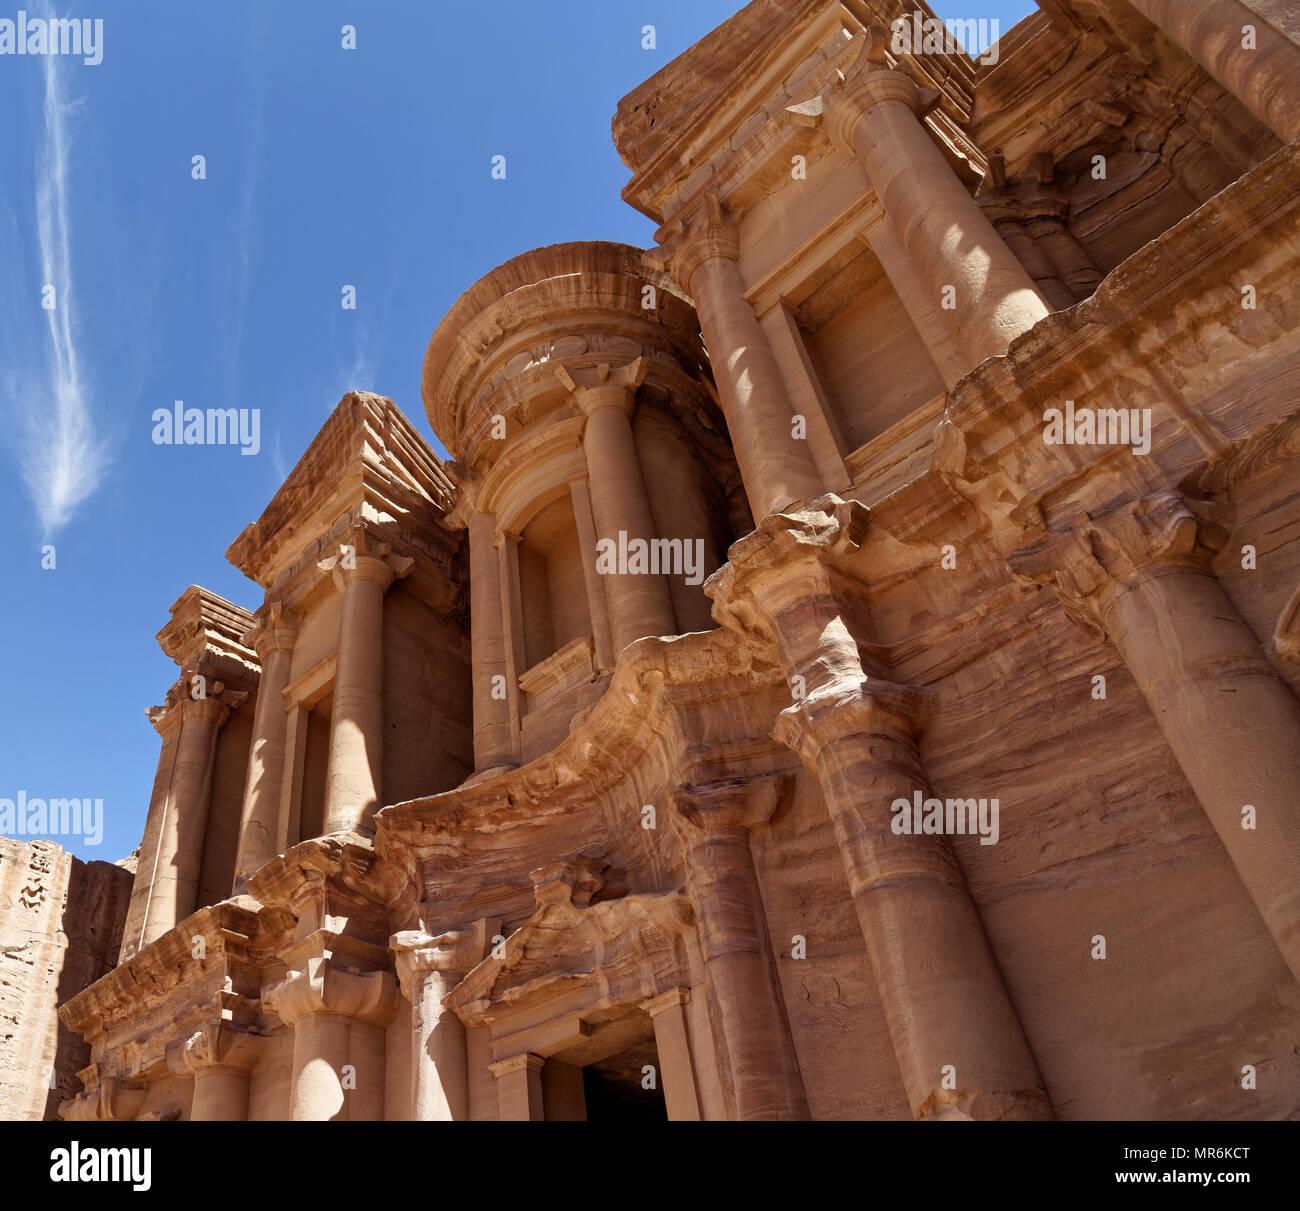 Photo prise sous un angle oblique d'une section d'Al-Deir, le soi-disant monastère, de la nécropole de Petra, Jordanie Photo Stock